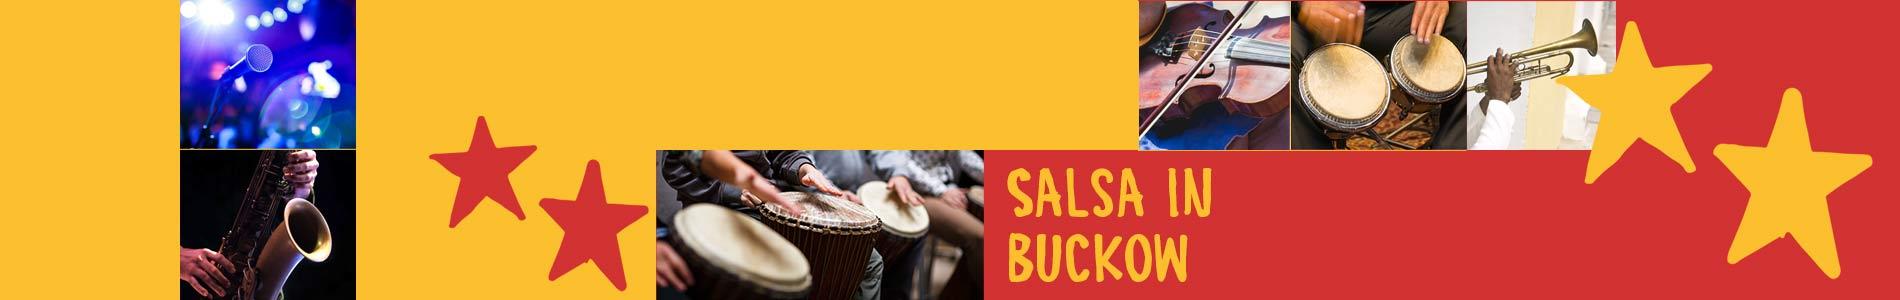 Salsa in Buckow – Salsa lernen und tanzen, Tanzkurse, Partys, Veranstaltungen